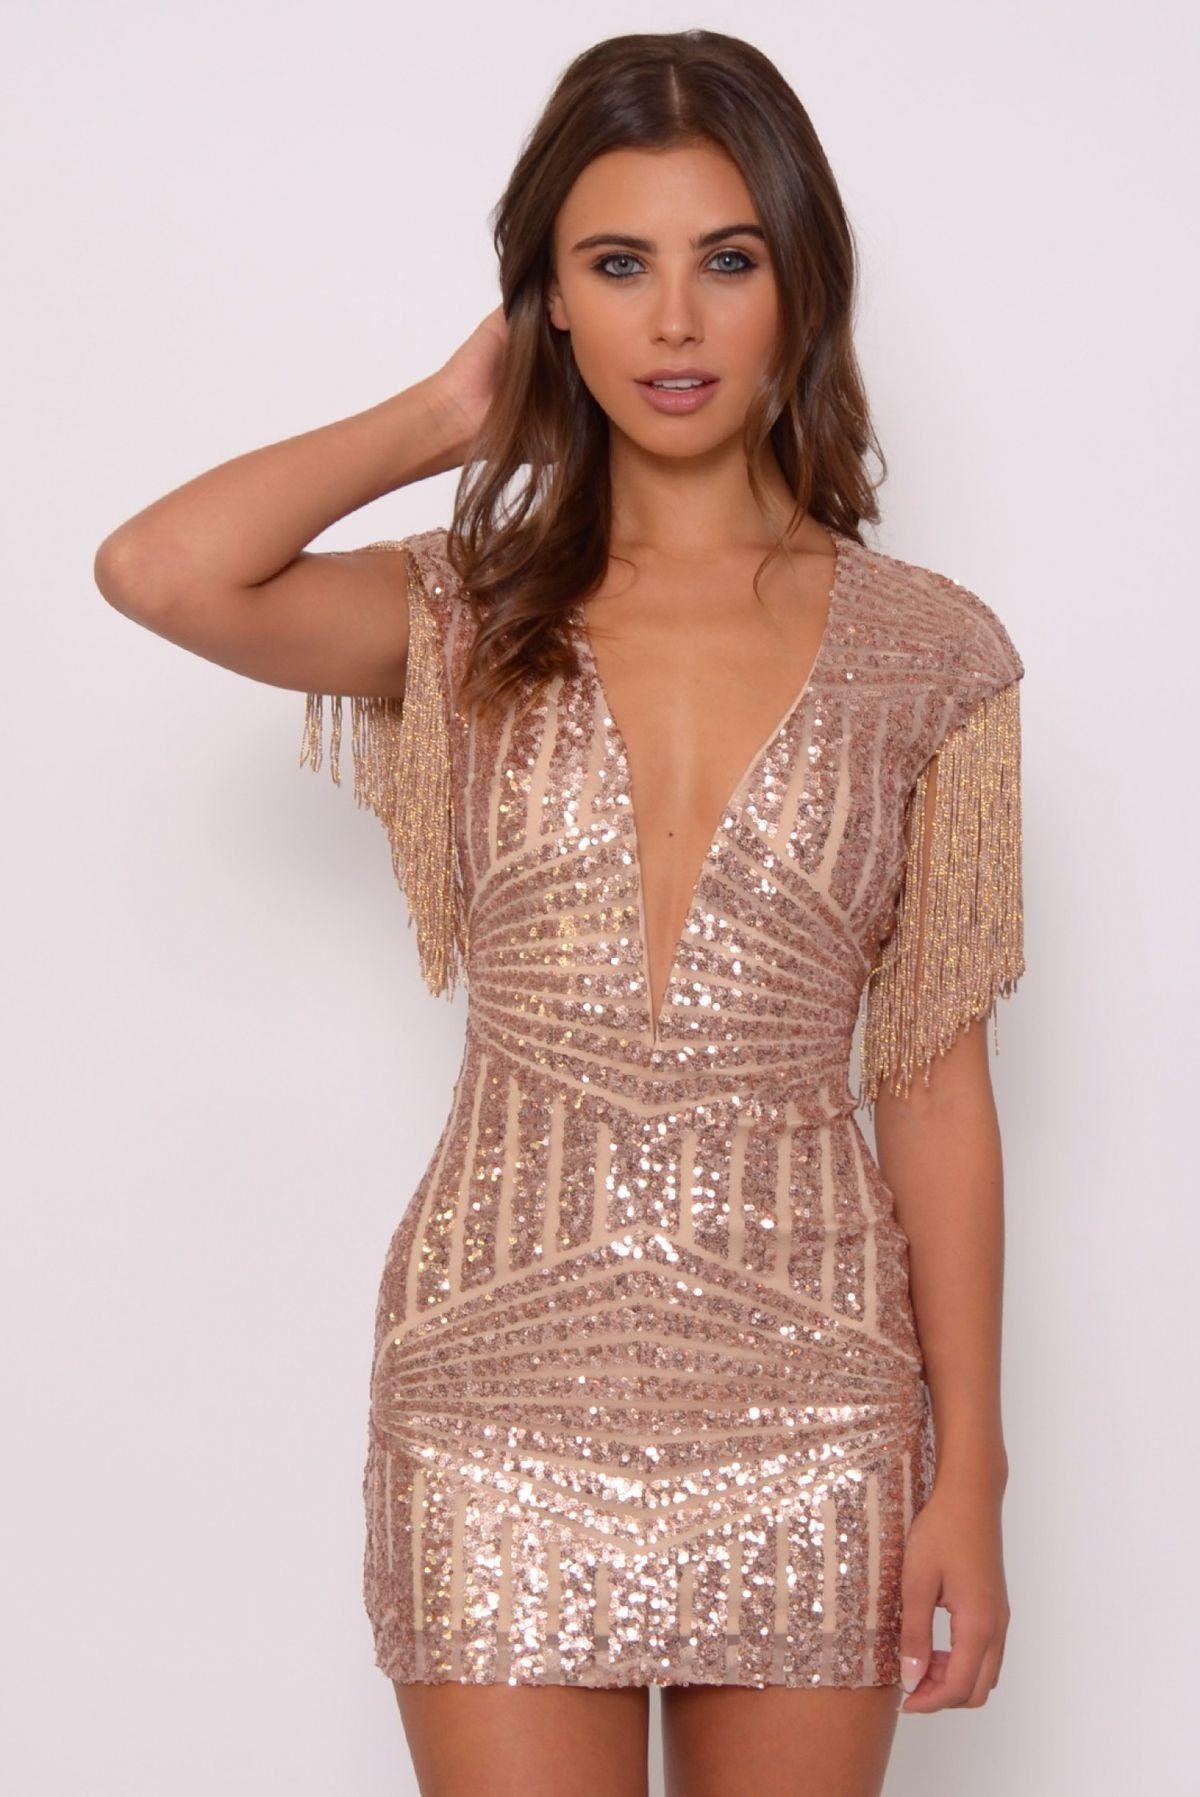 Super sexy dress photo beautiful pinterest lifestyle fashion